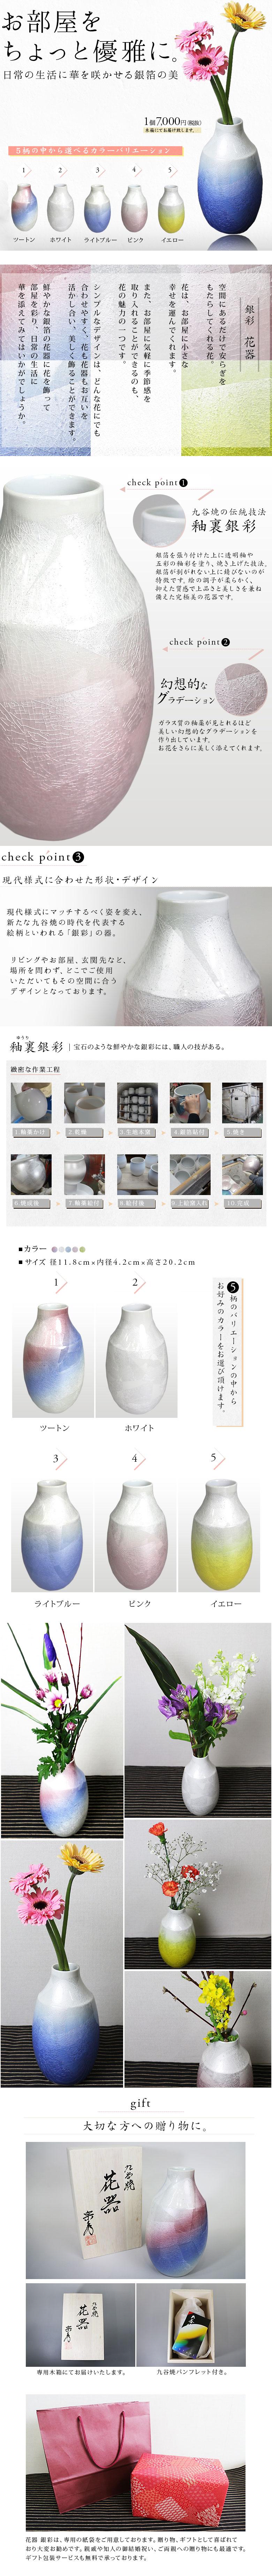 【九谷焼】花器 銀彩